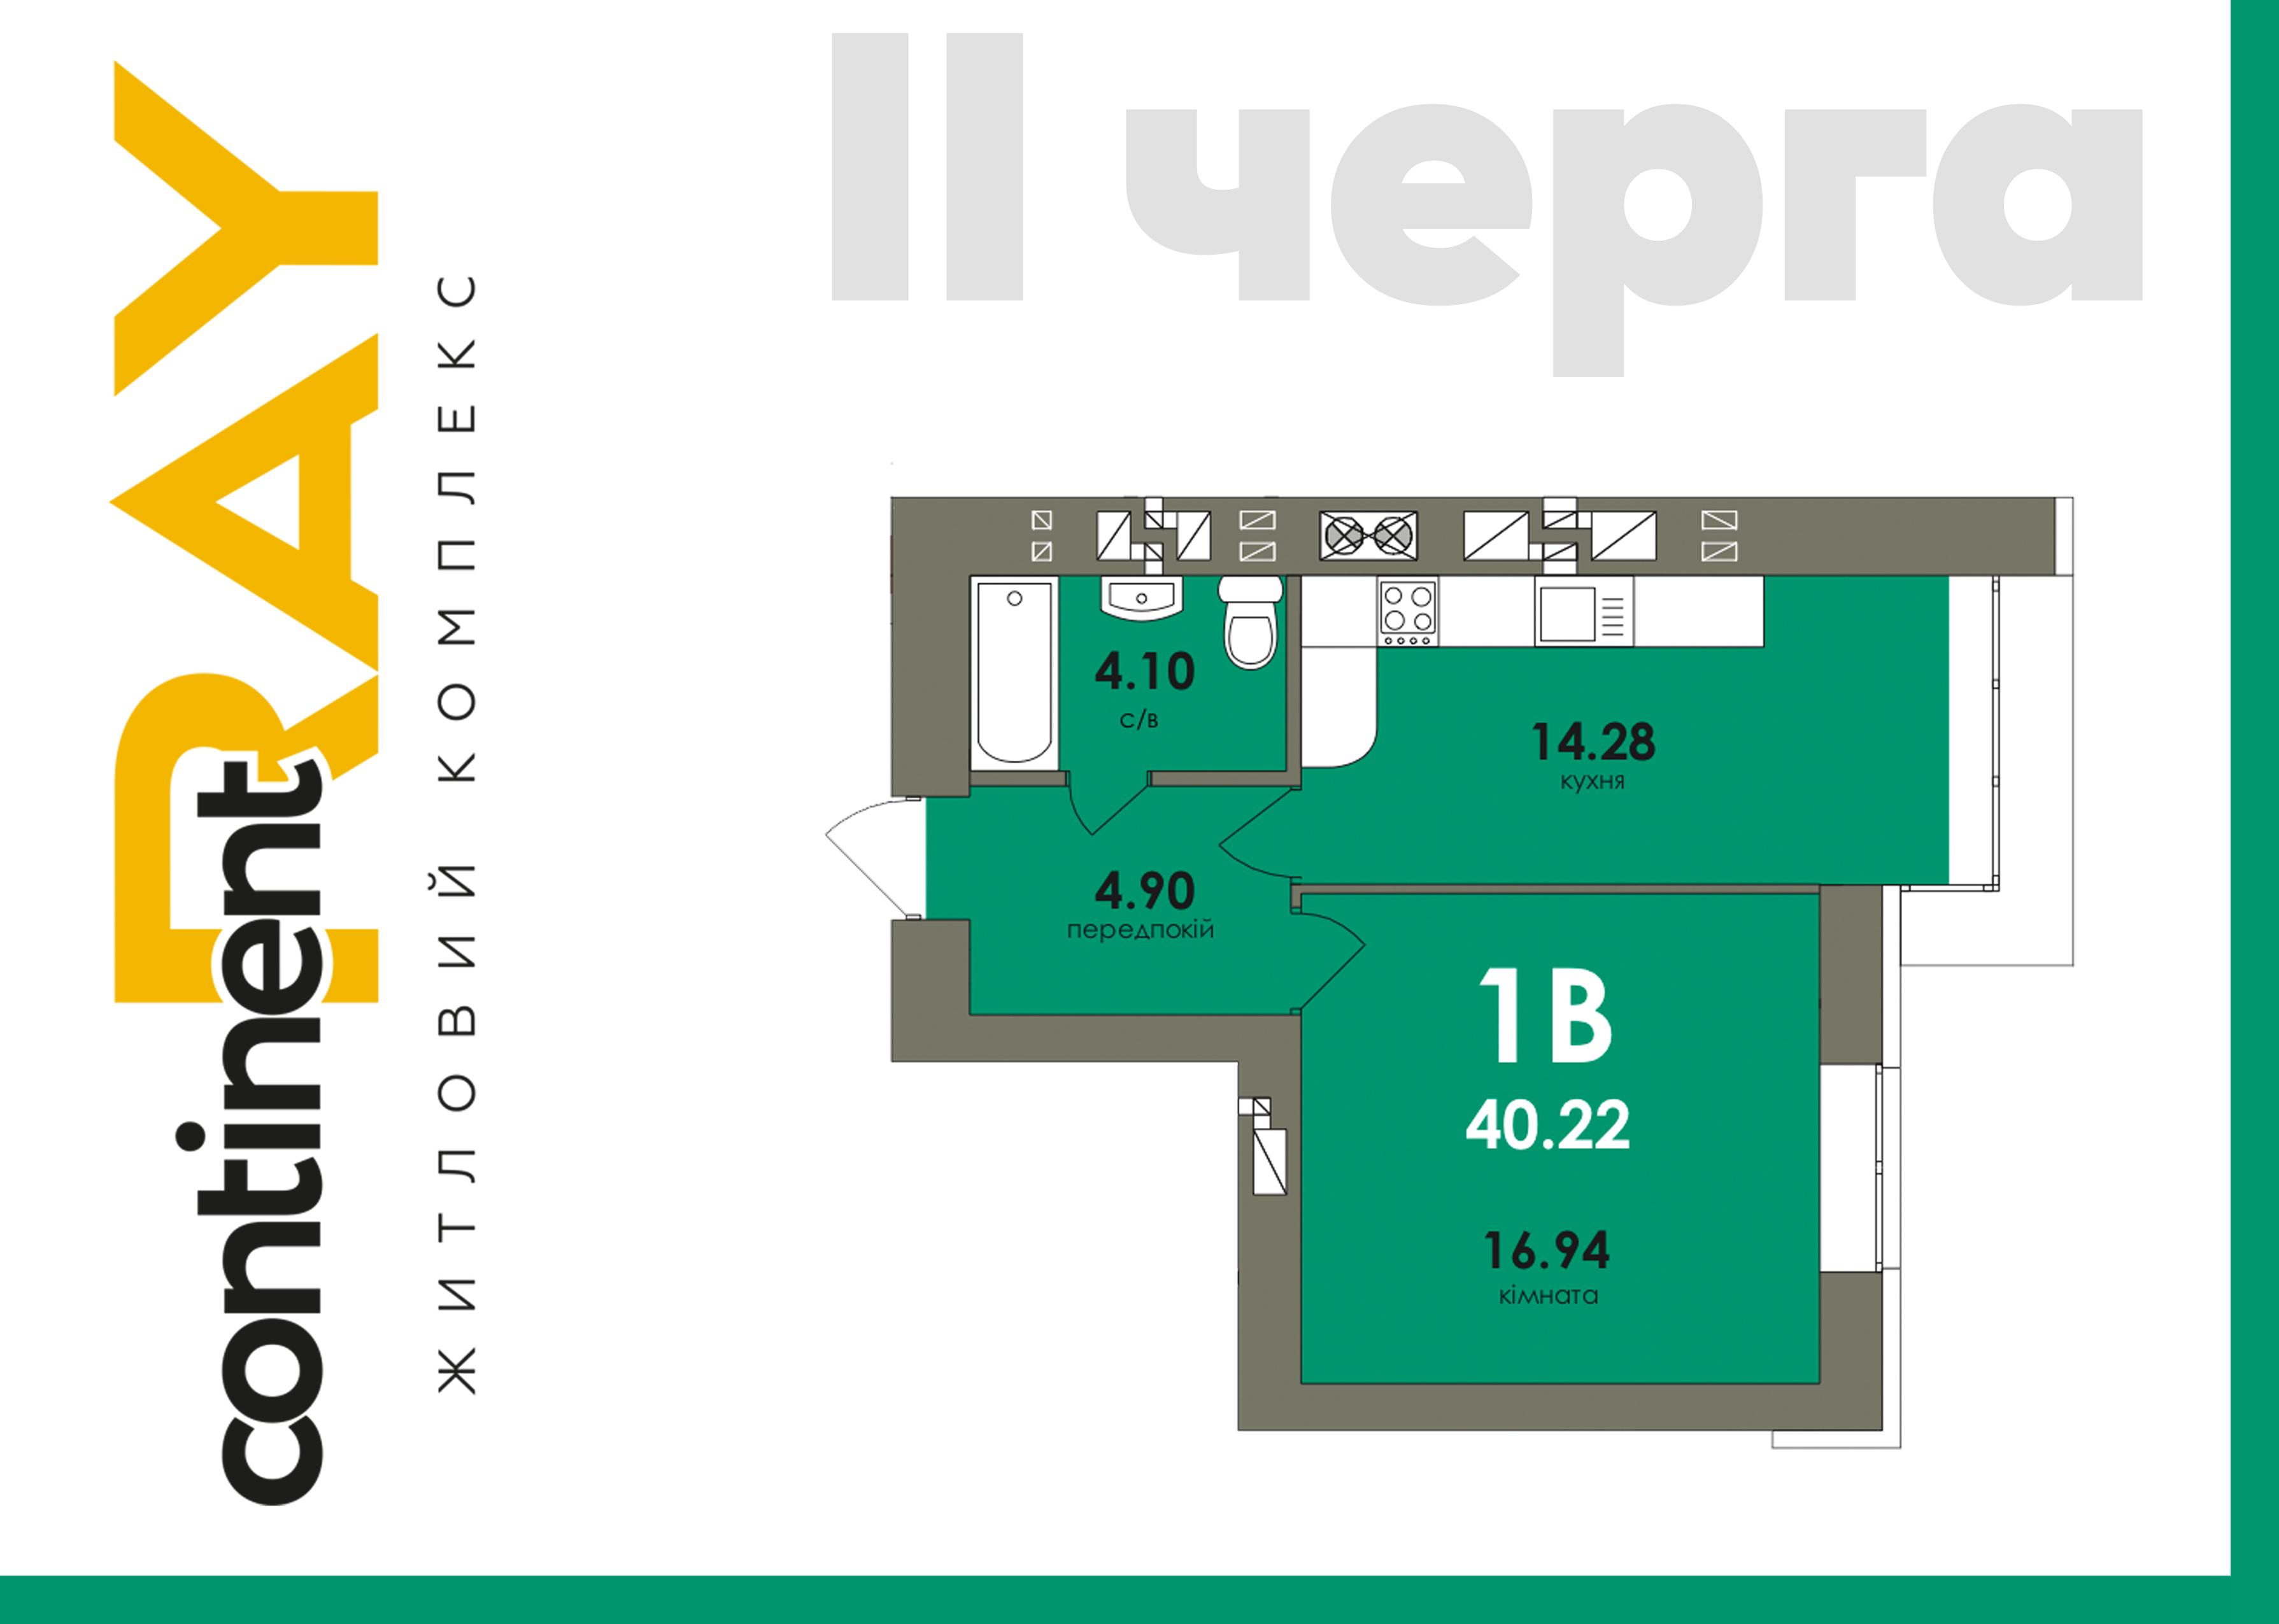 1-кімн. кв 1В 40.22 м²